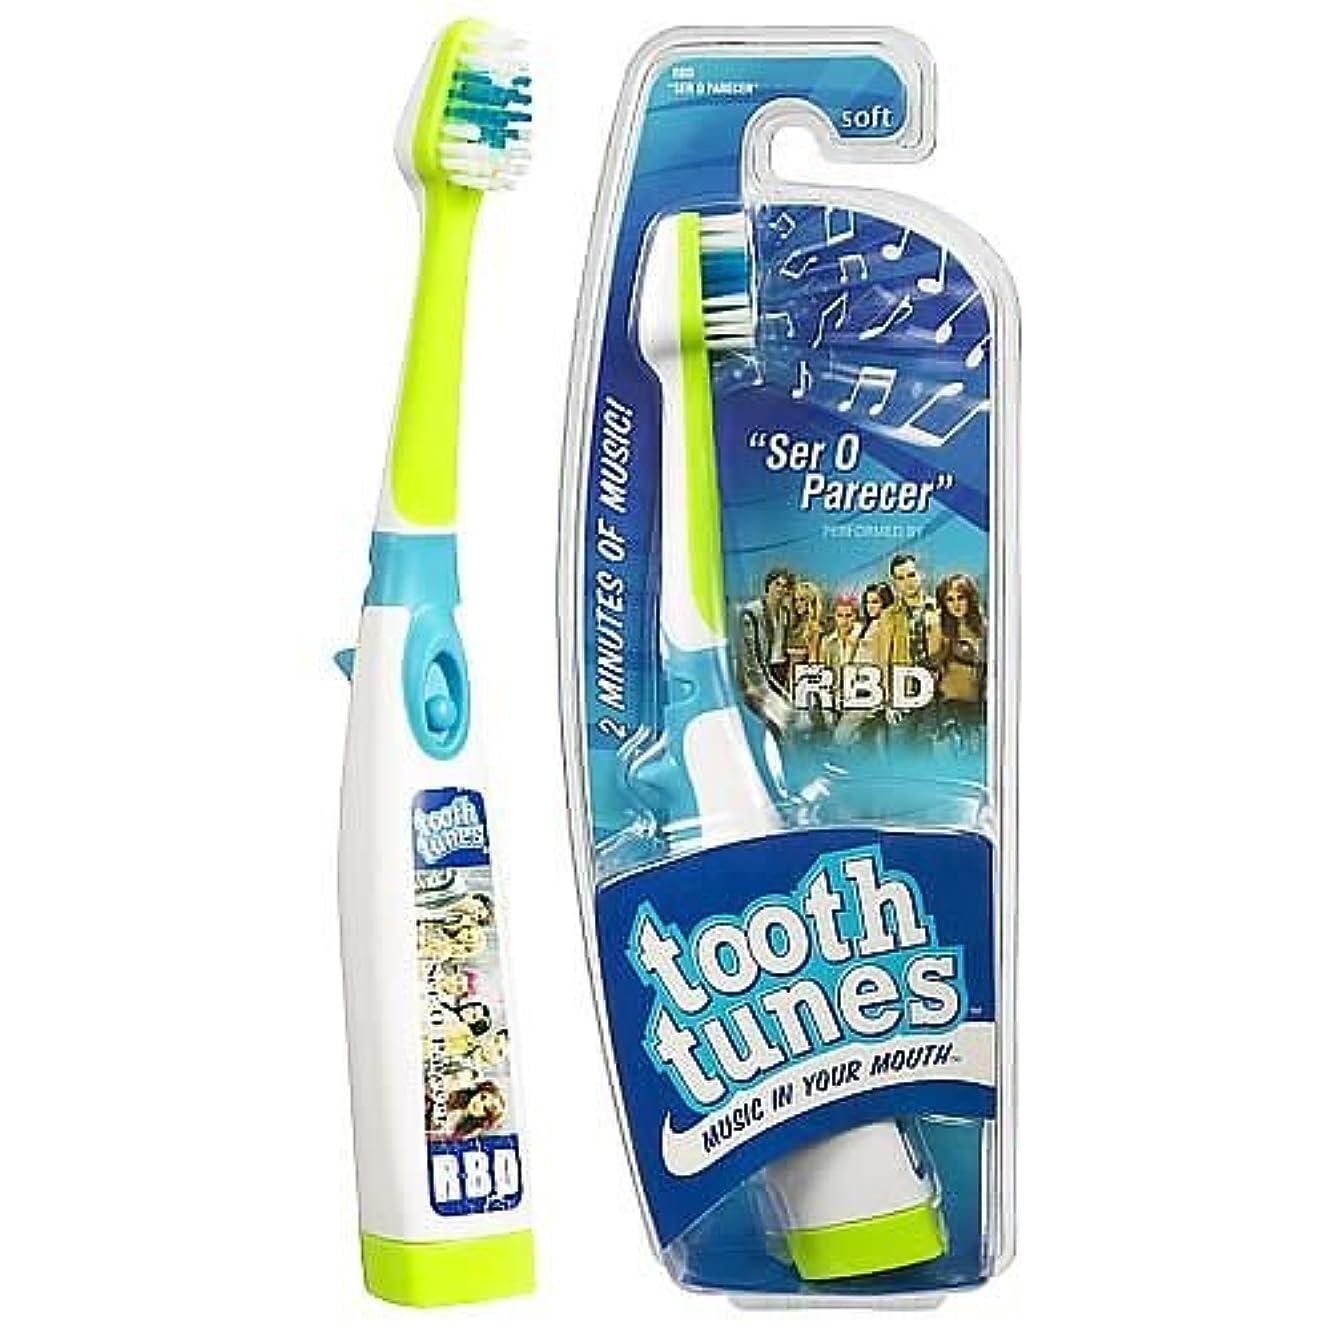 とは異なり記念品保全Tooth Tunes歯ブラシ – RBD Ser O Parecer